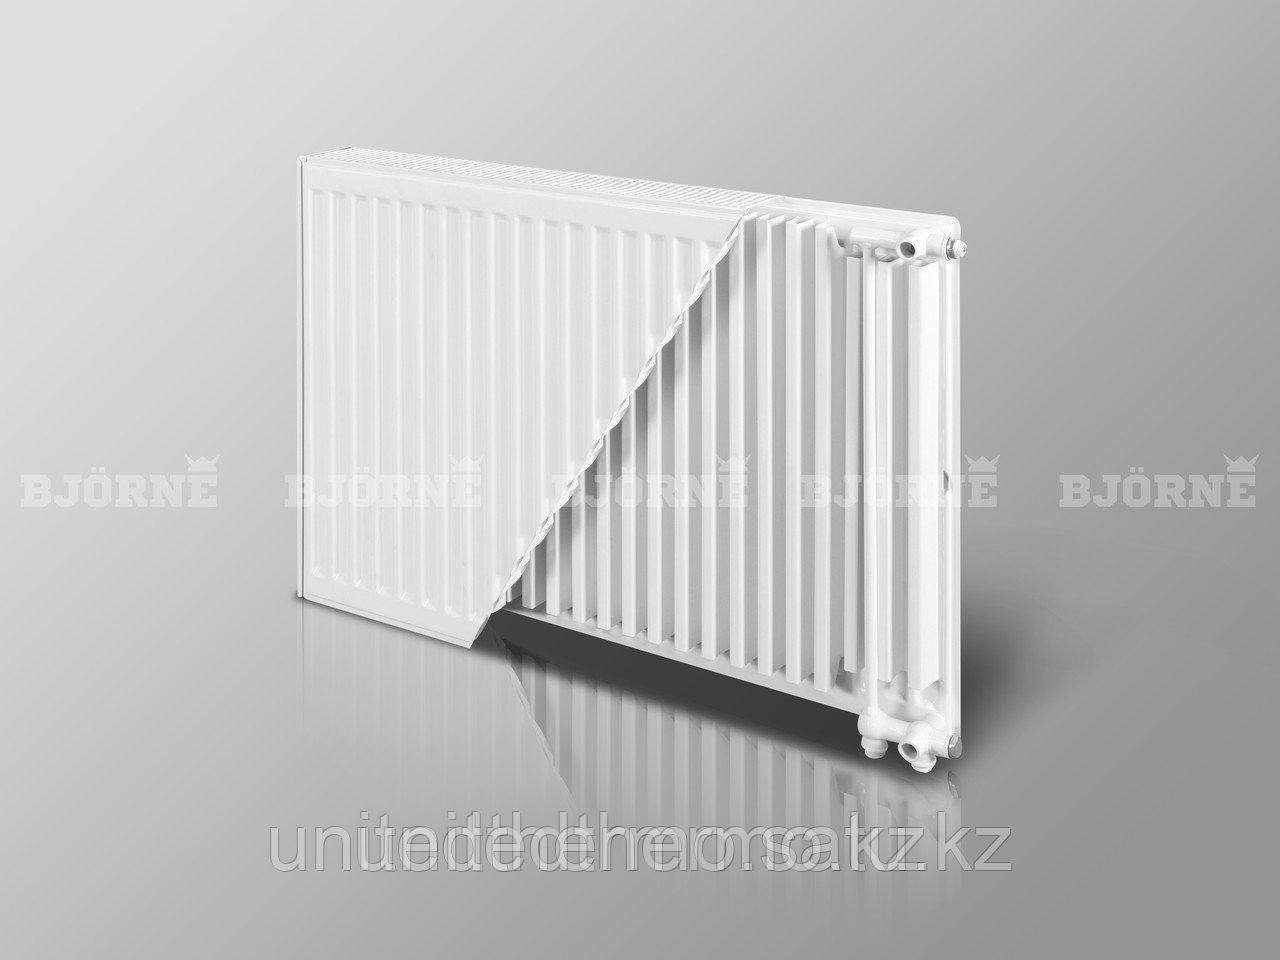 Стальной панельный радиатор Bjorne тип 22VK  H300мм*L1100мм нижнее подключение